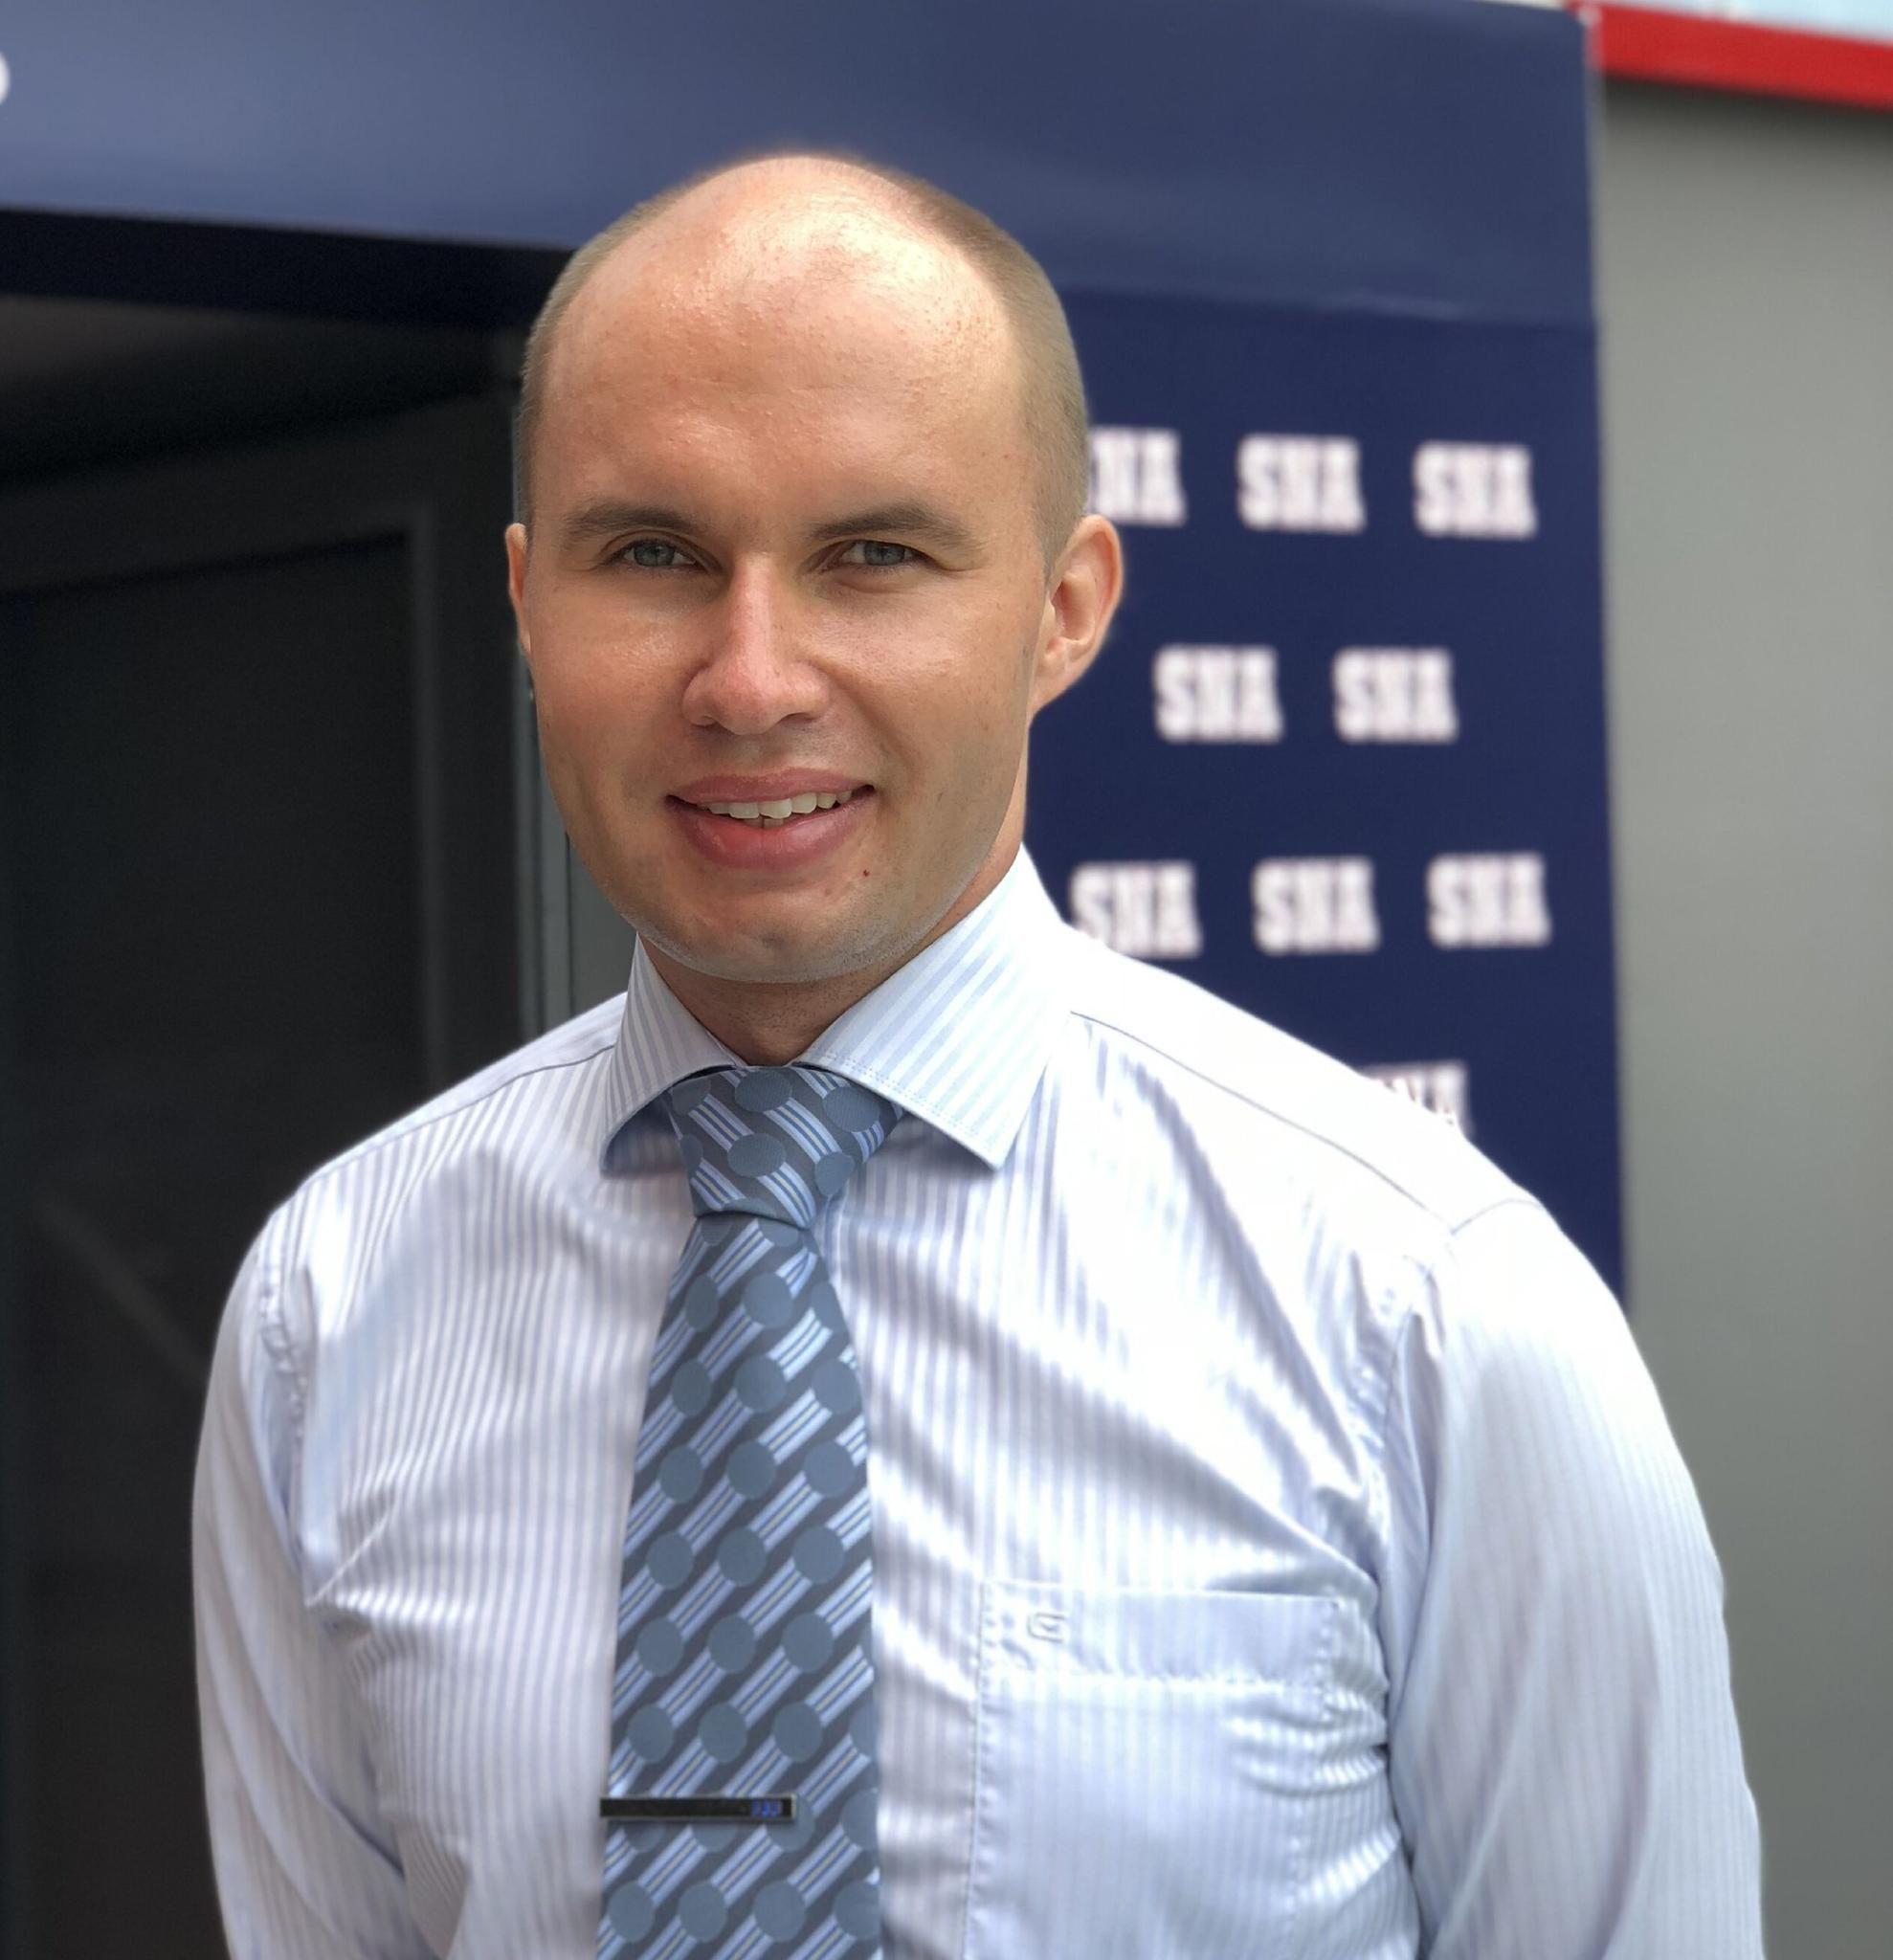 Dmitry Sarbaev